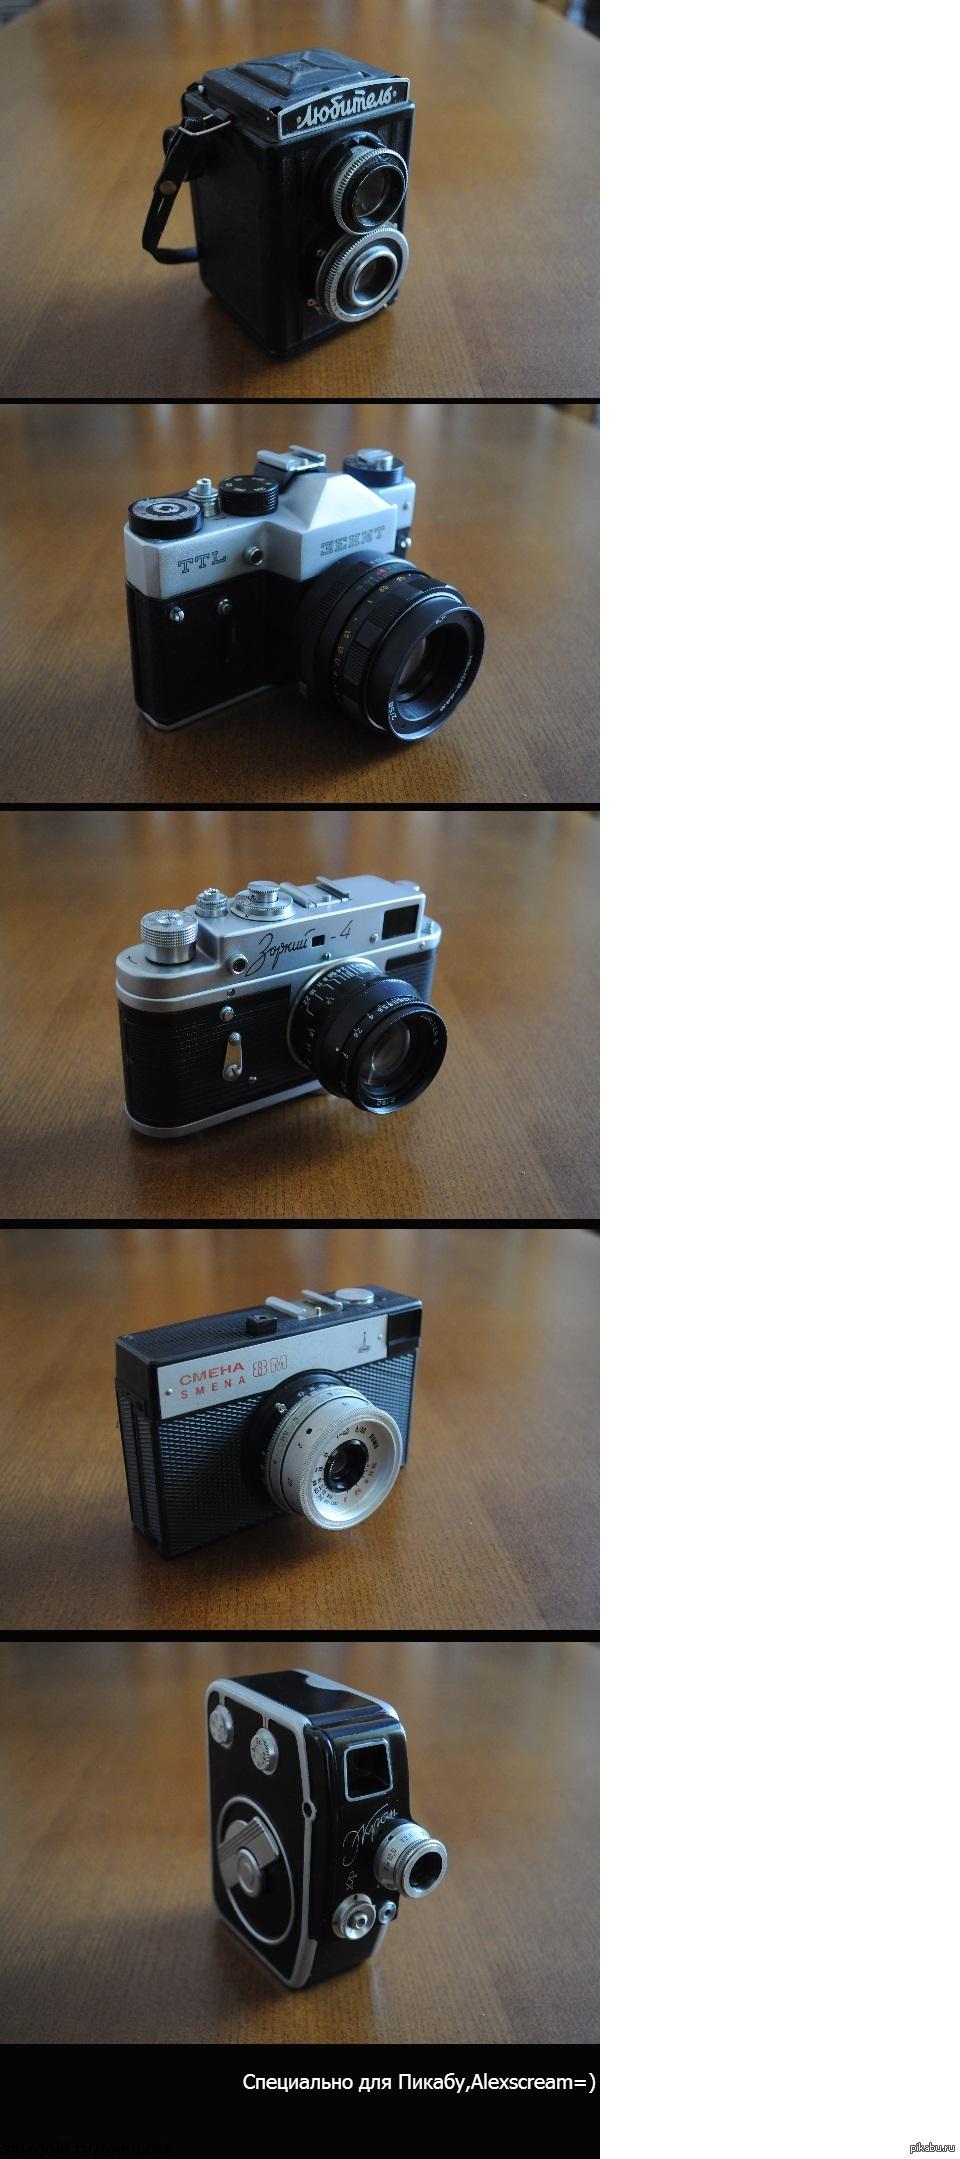 Для любителей старой фототехники. Моя небольшая коллекция